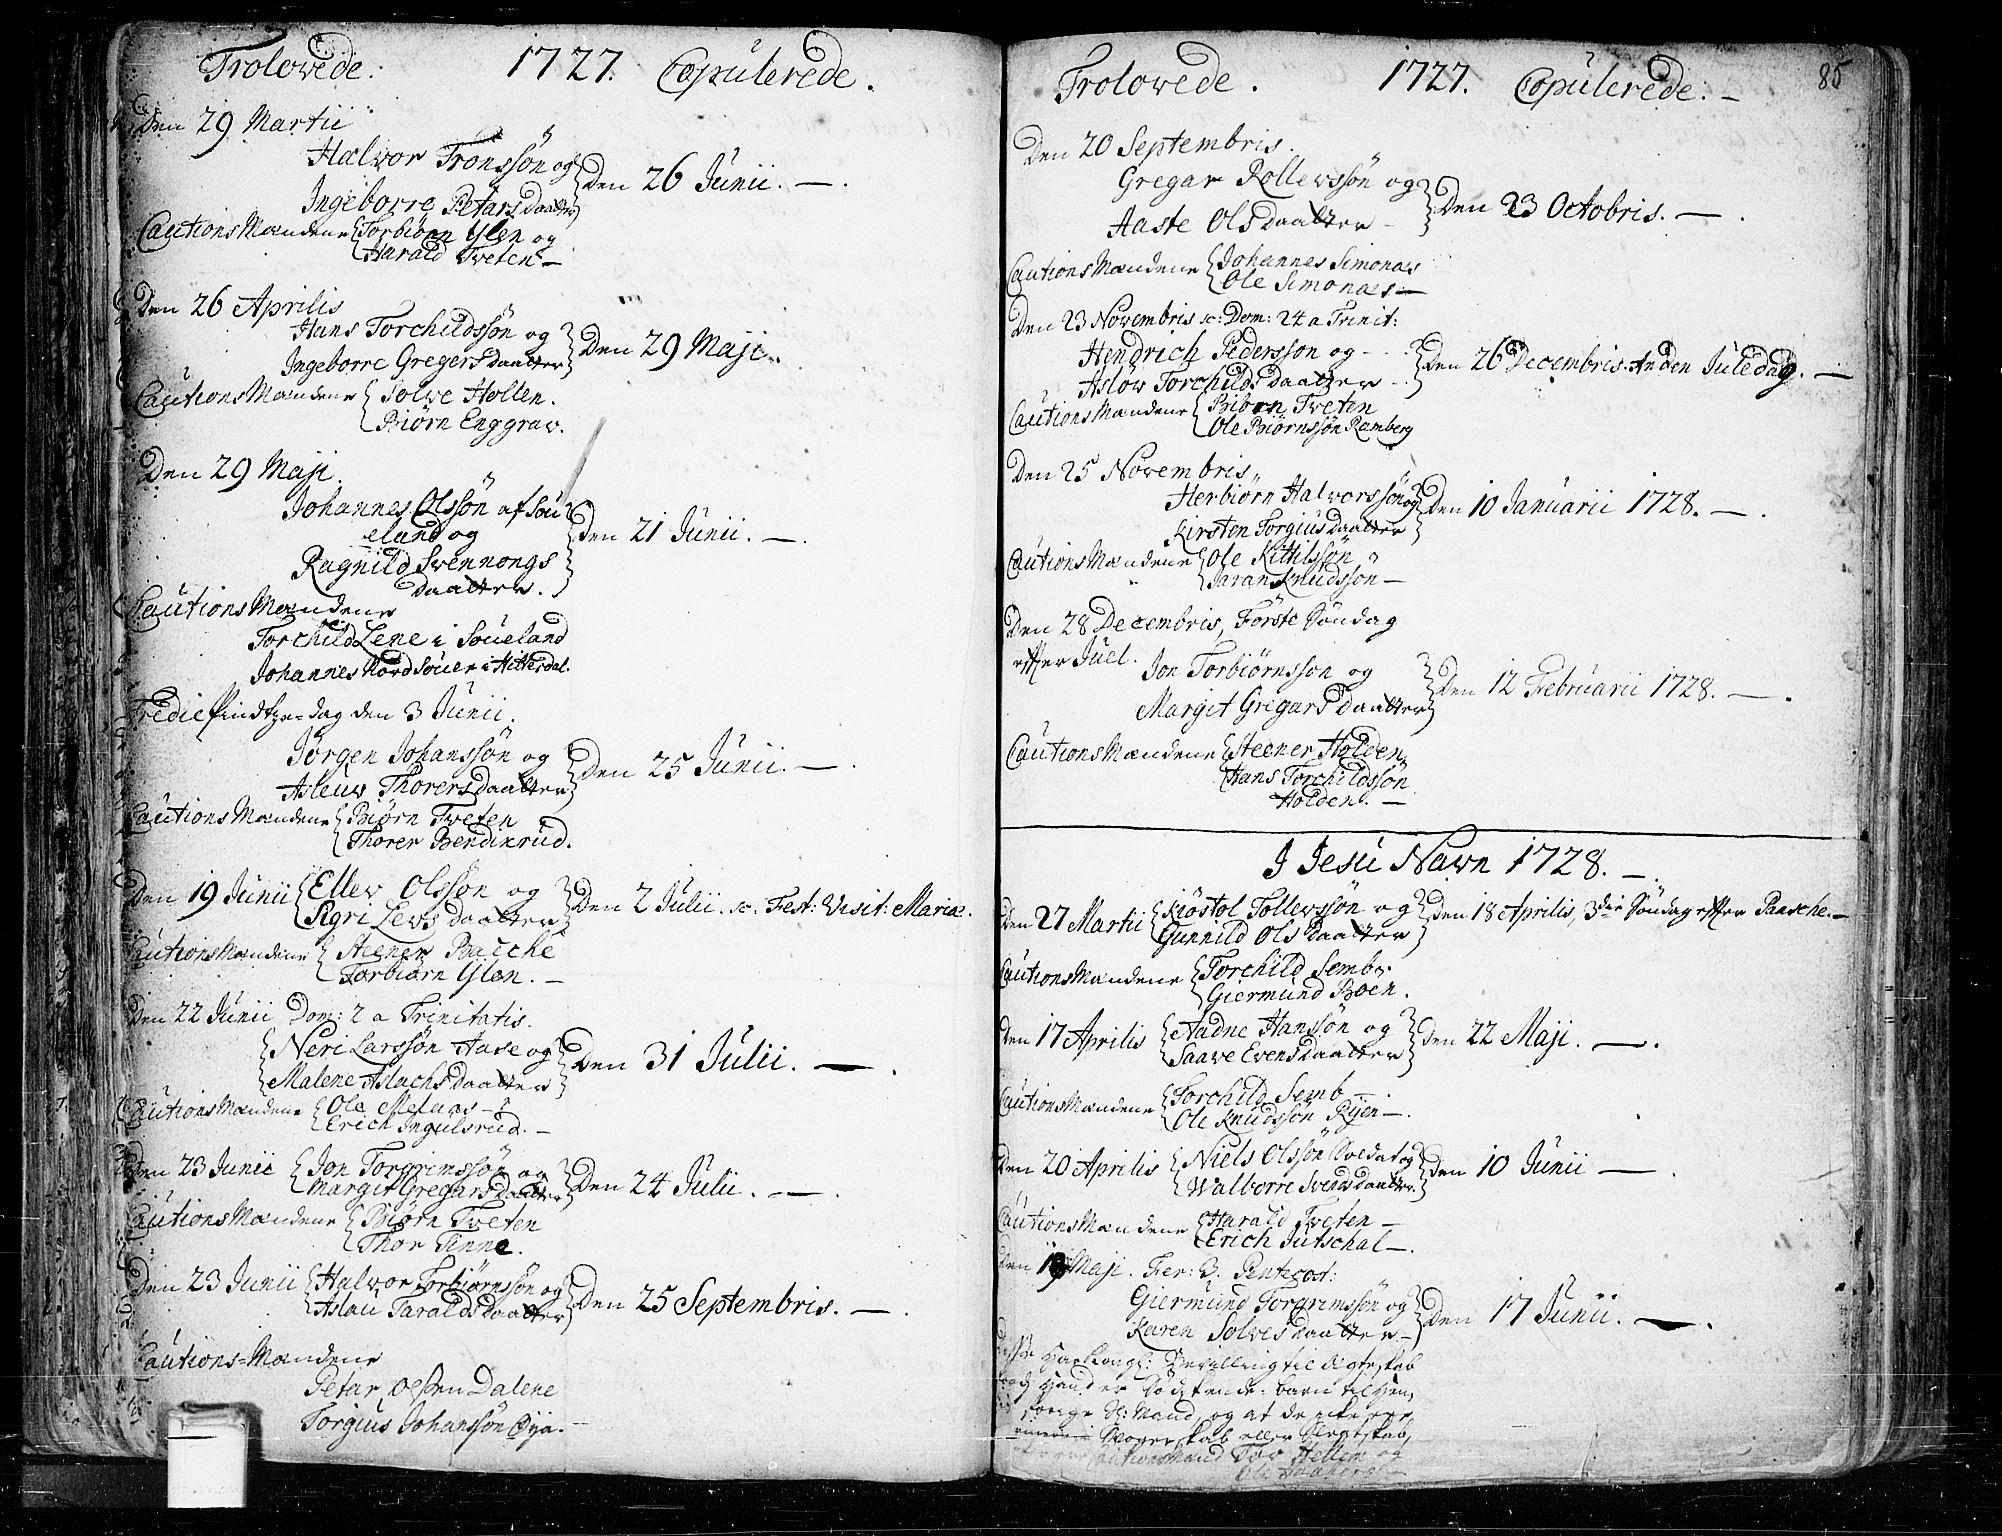 SAKO, Heddal kirkebøker, F/Fa/L0003: Ministerialbok nr. I 3, 1723-1783, s. 85